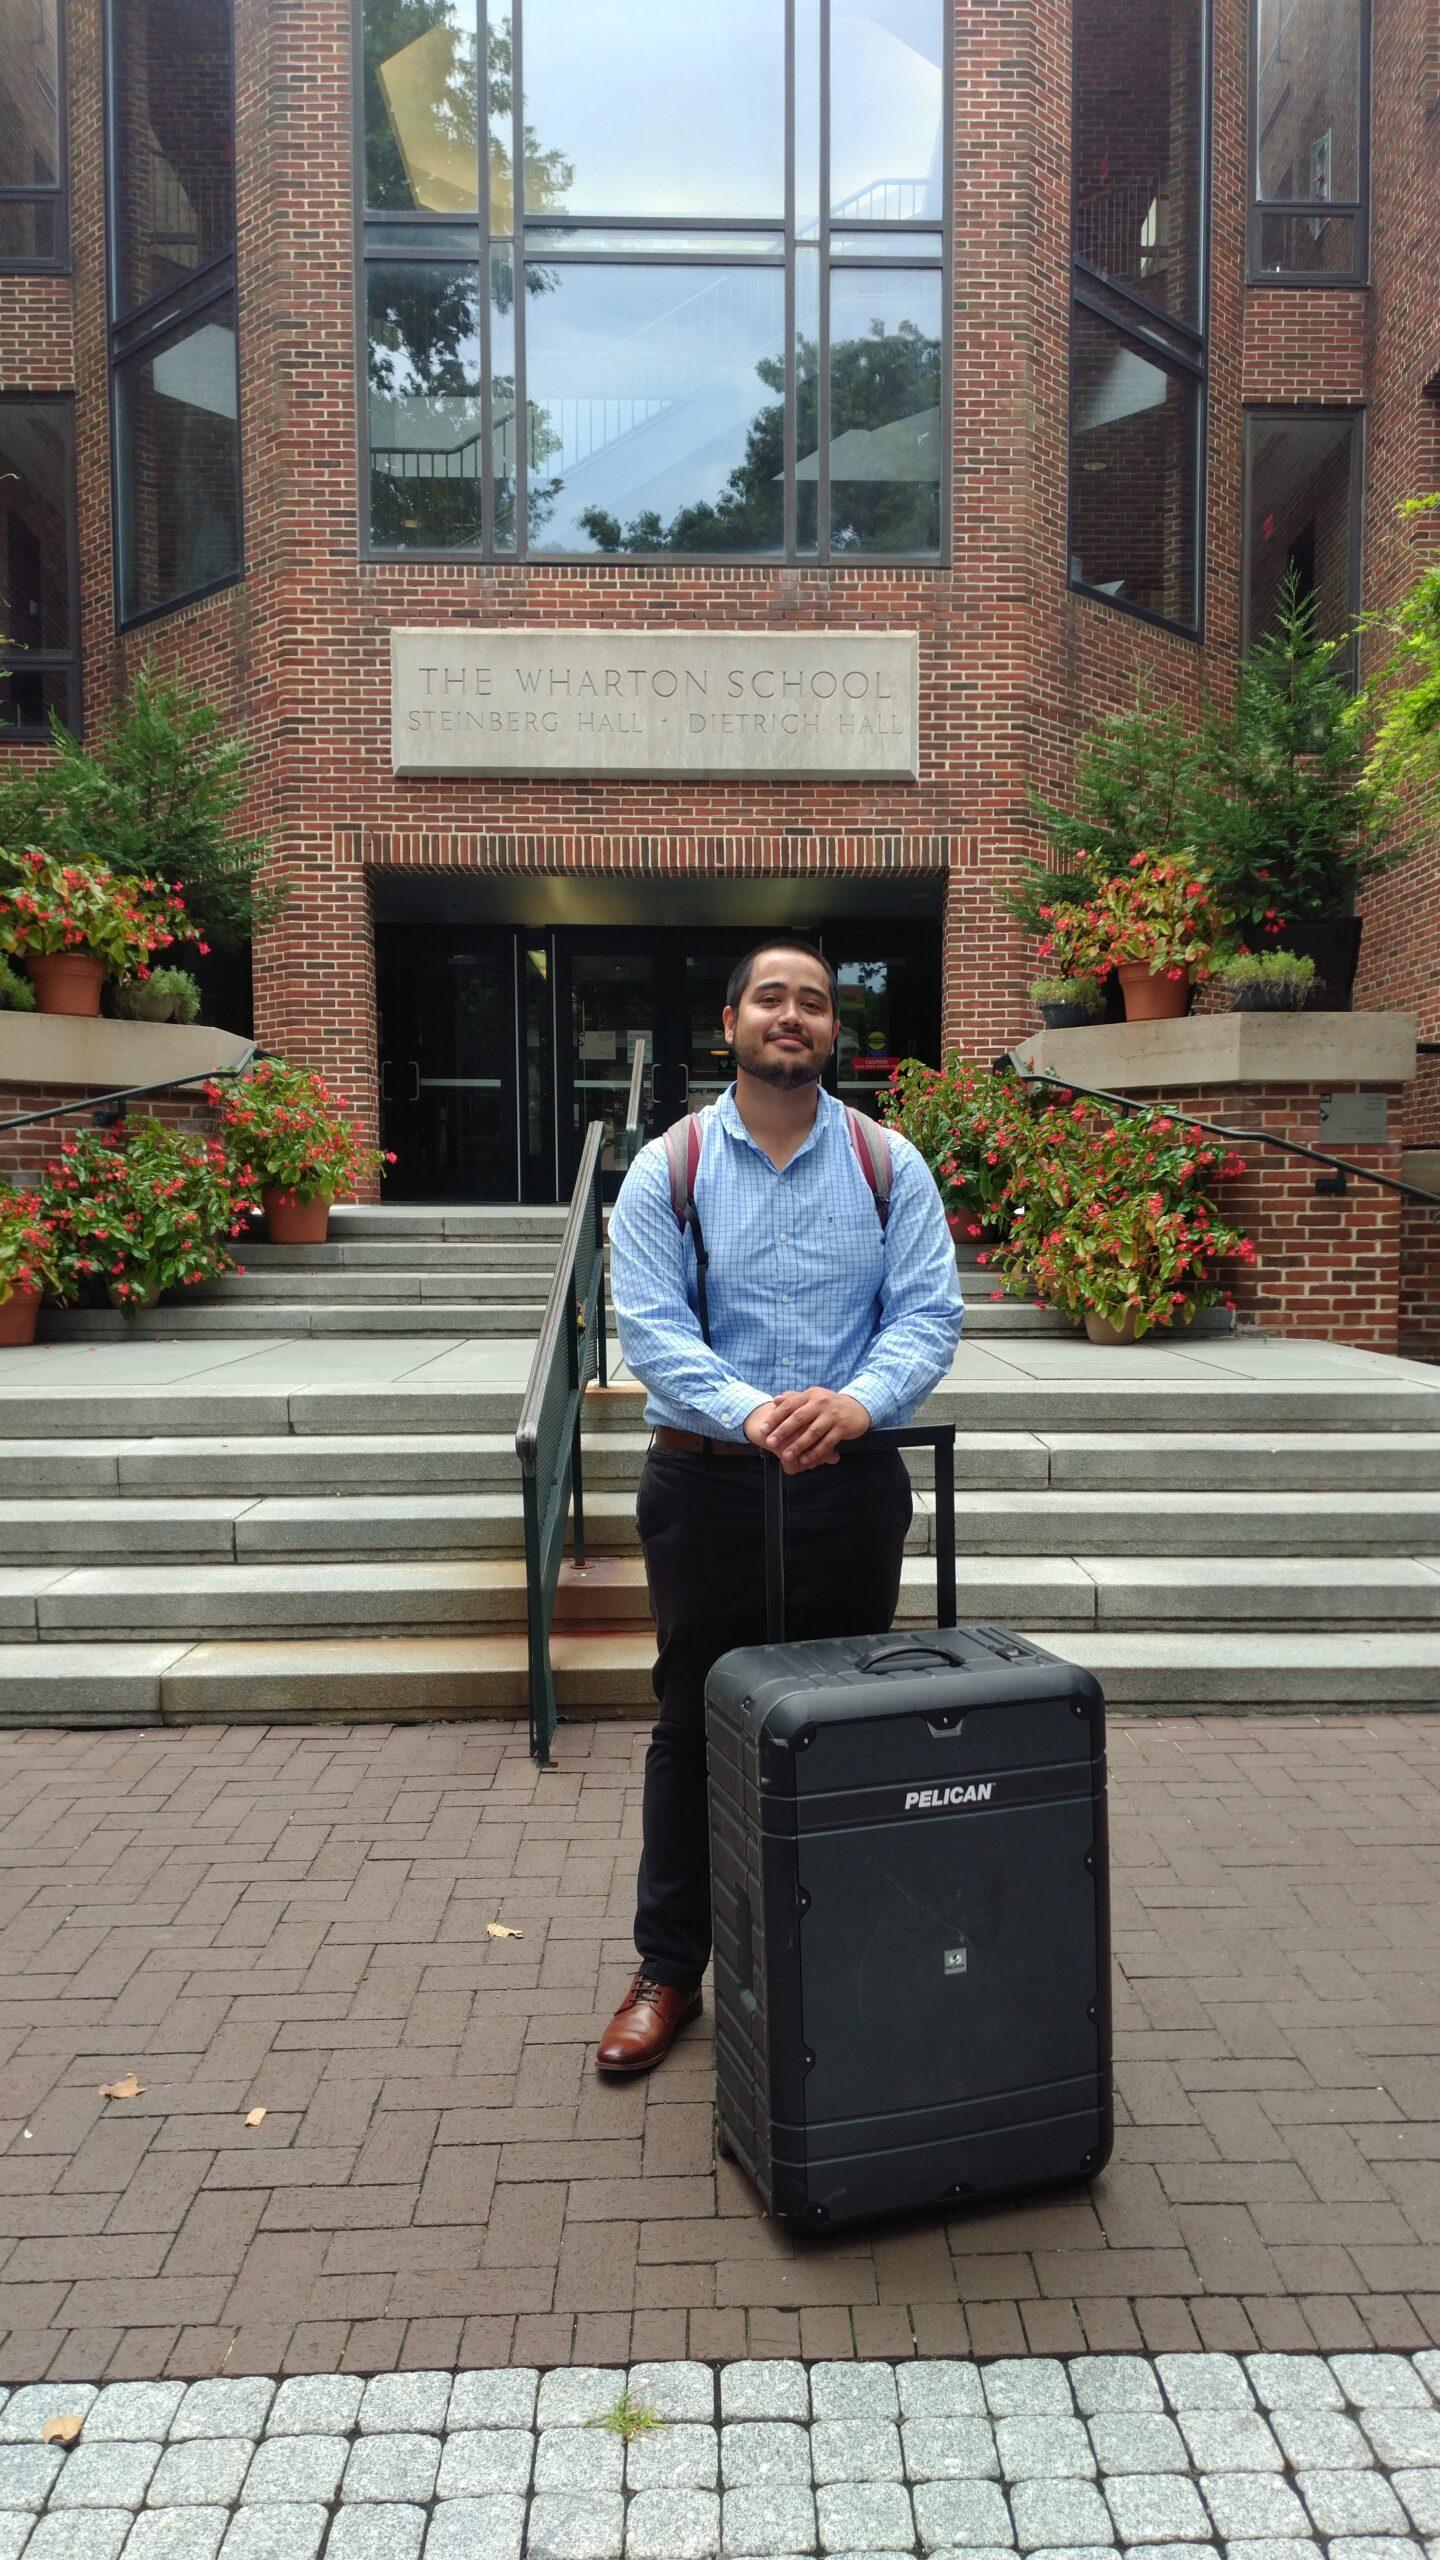 Wharton School portfolio visit